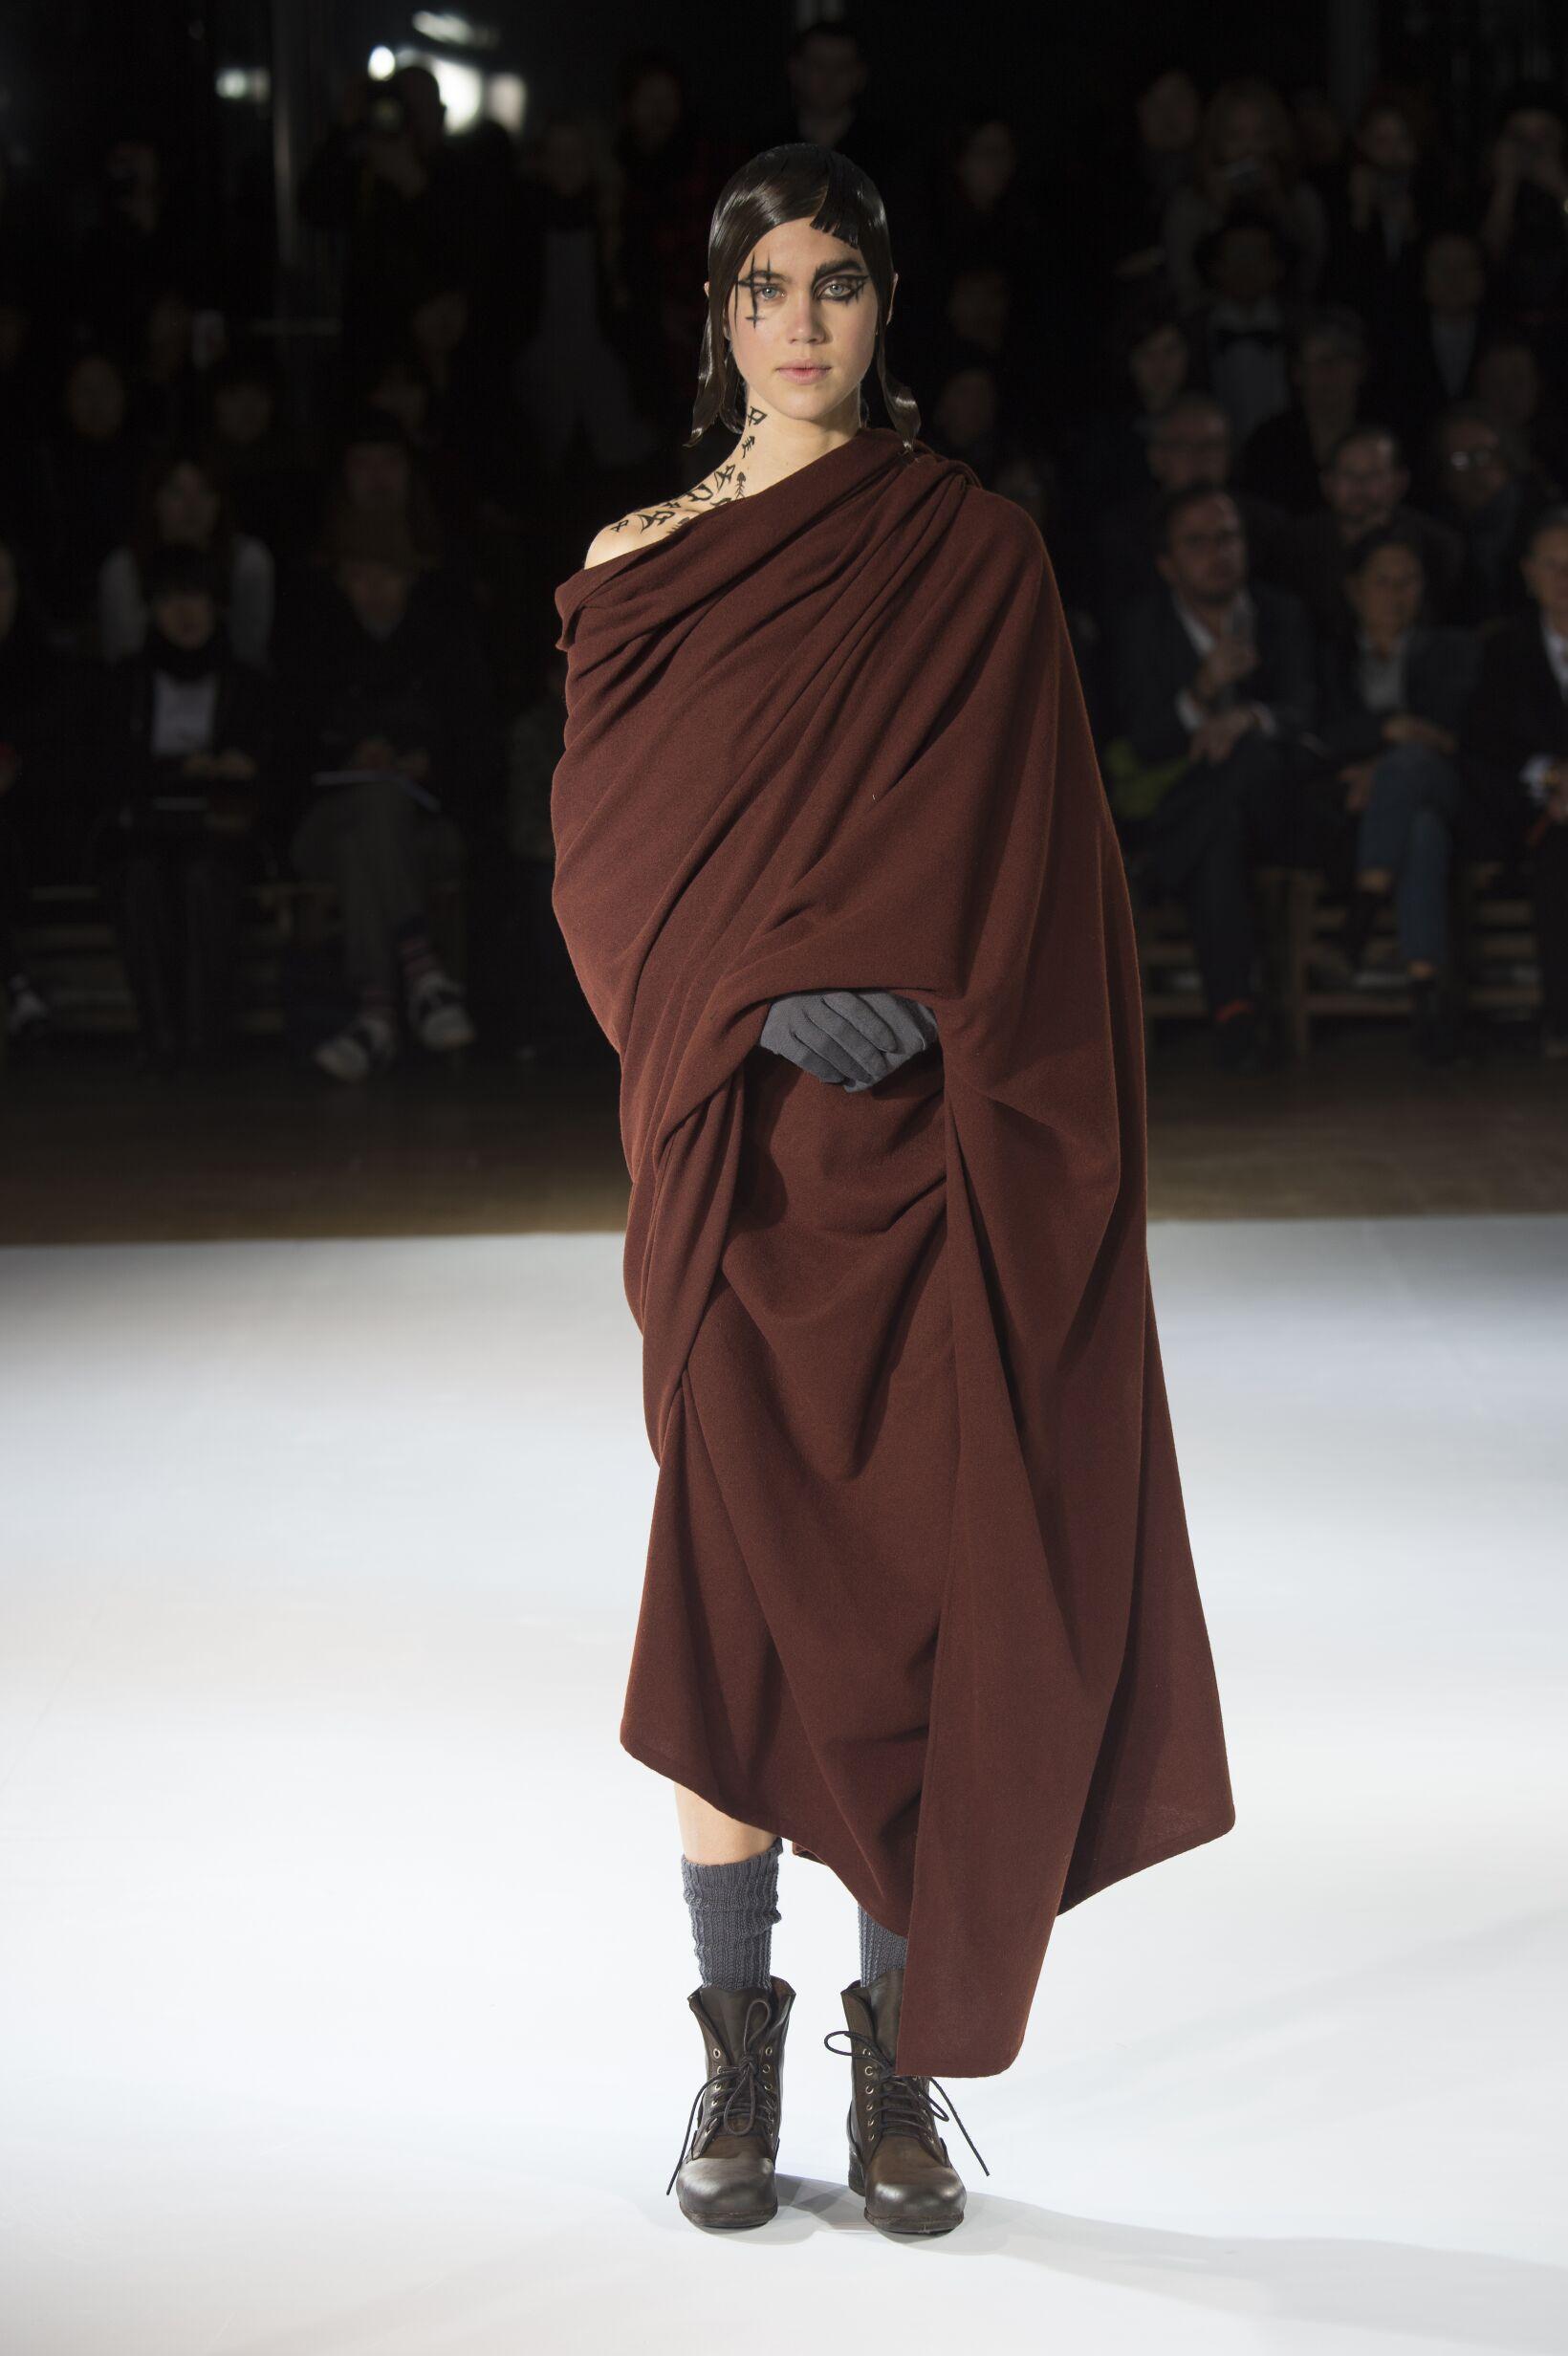 Catwalk Yohji Yamamoto Collection Fashion Show Winter 2015